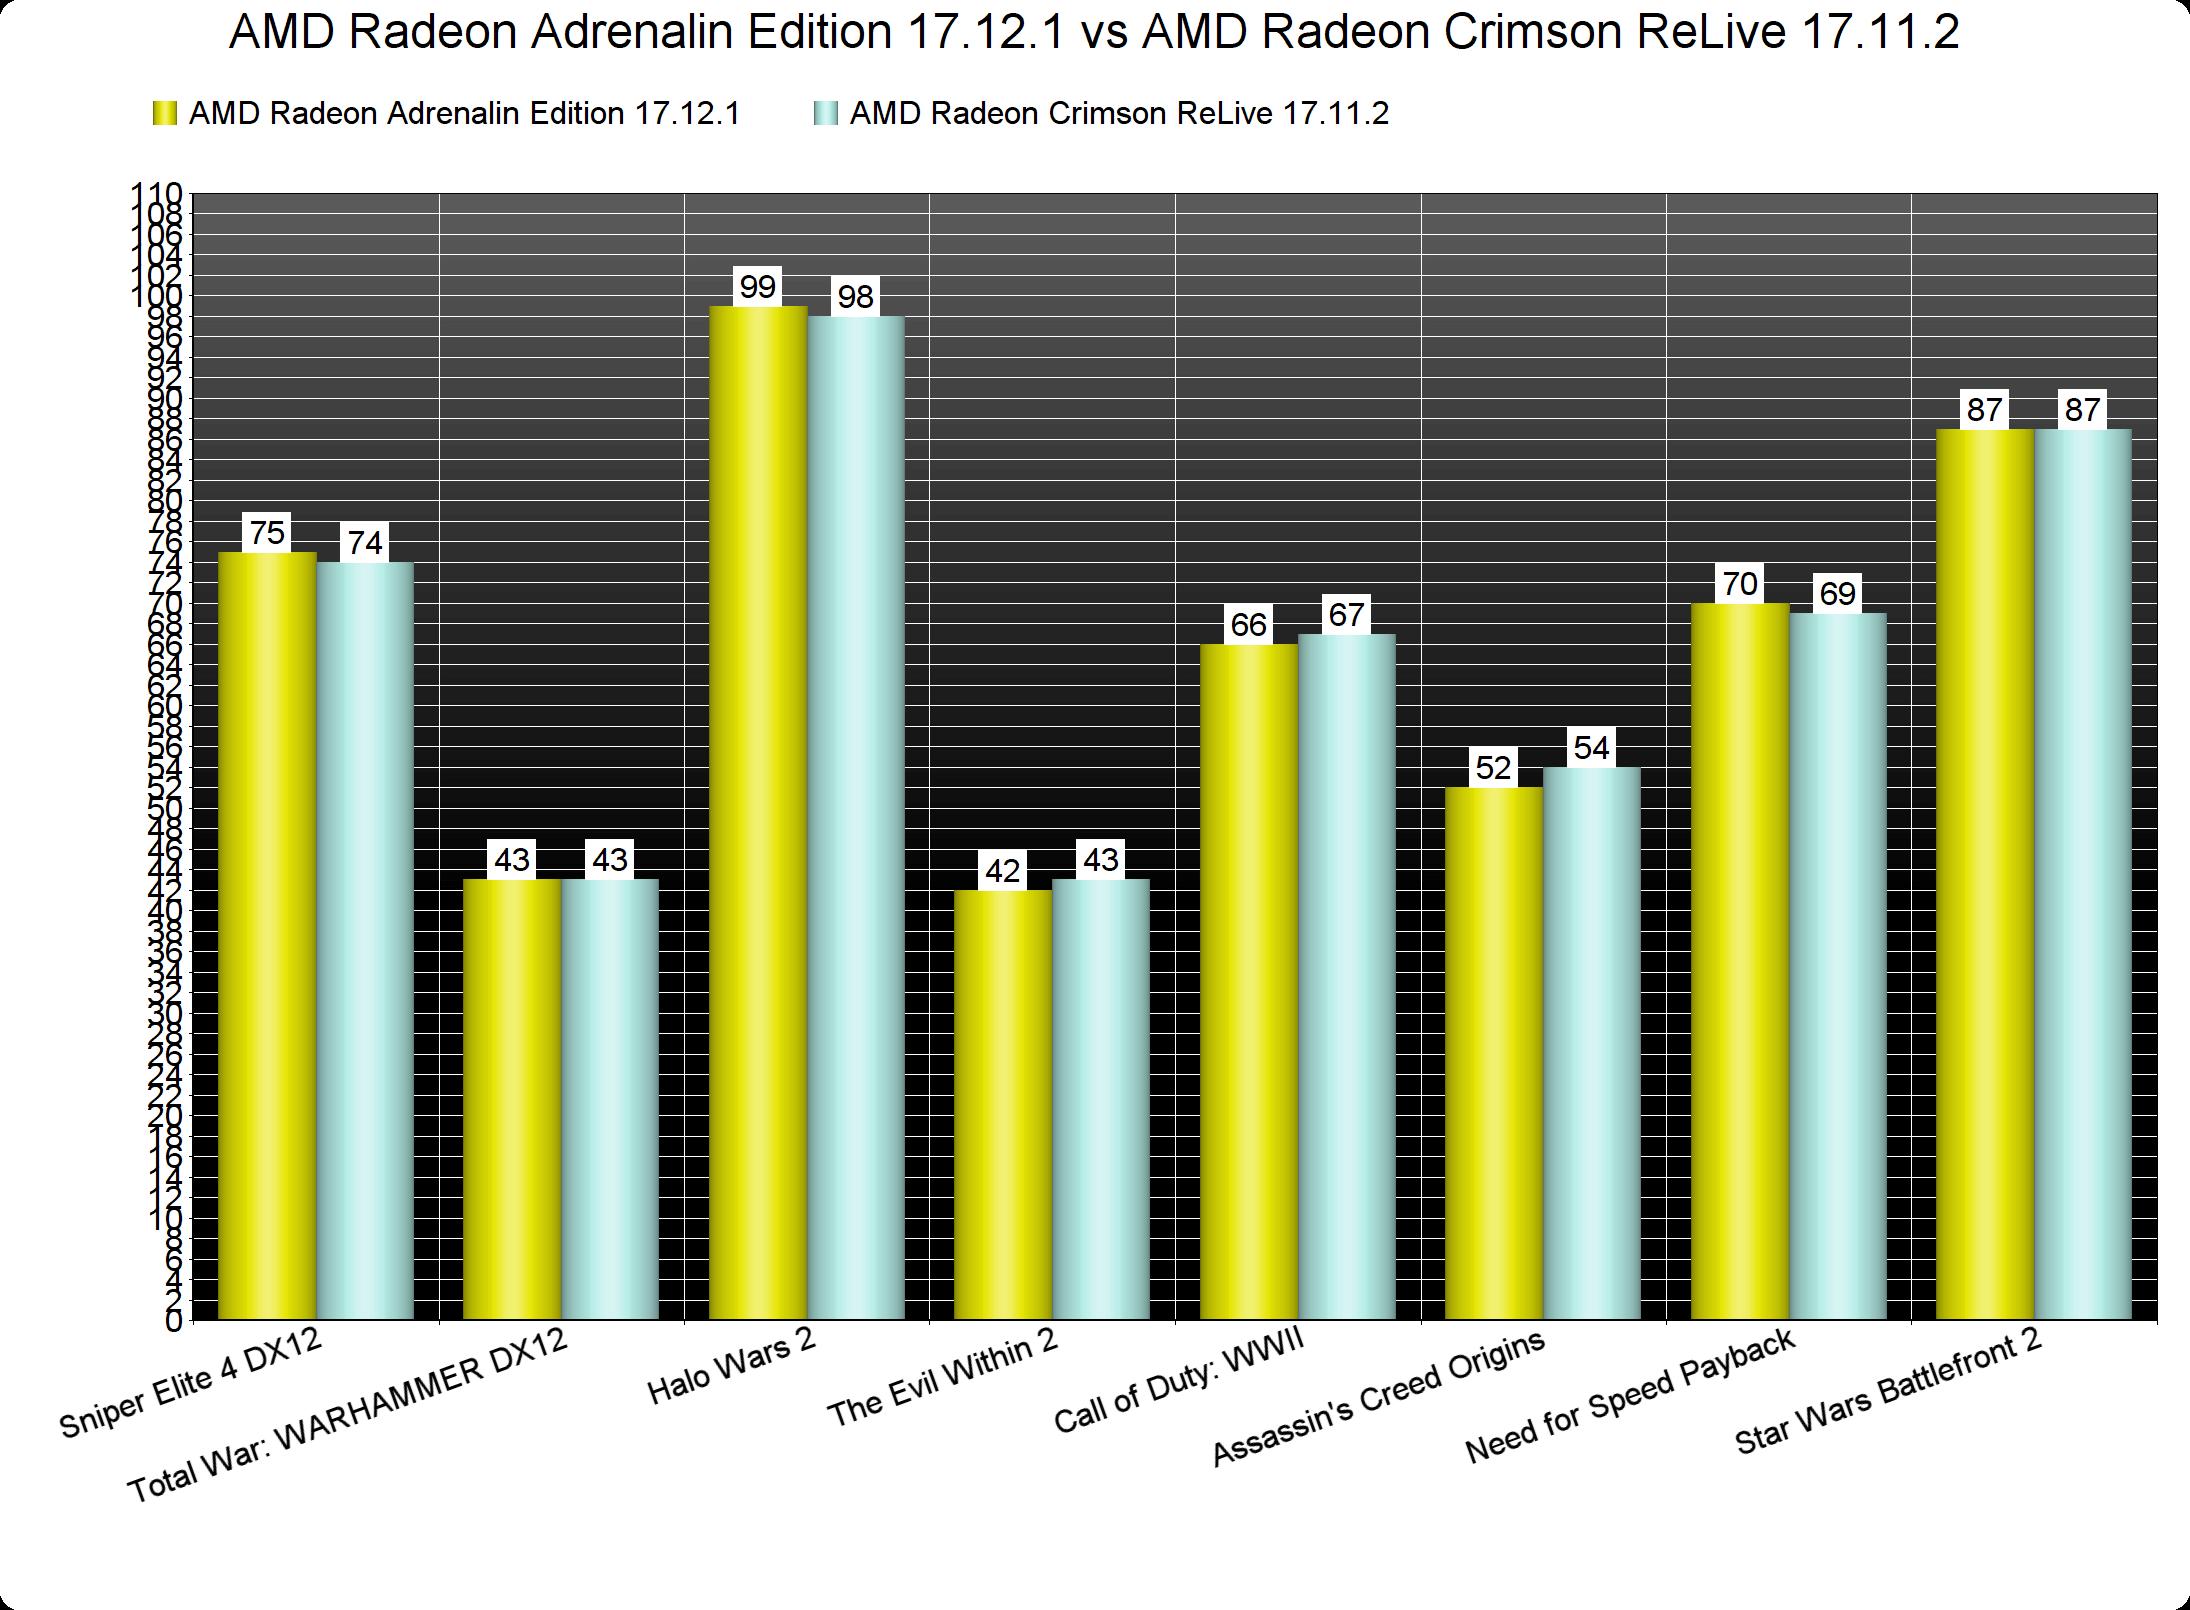 AMD Radeon Adrenalin Edition 17 12 1 benchmarked on Radeon